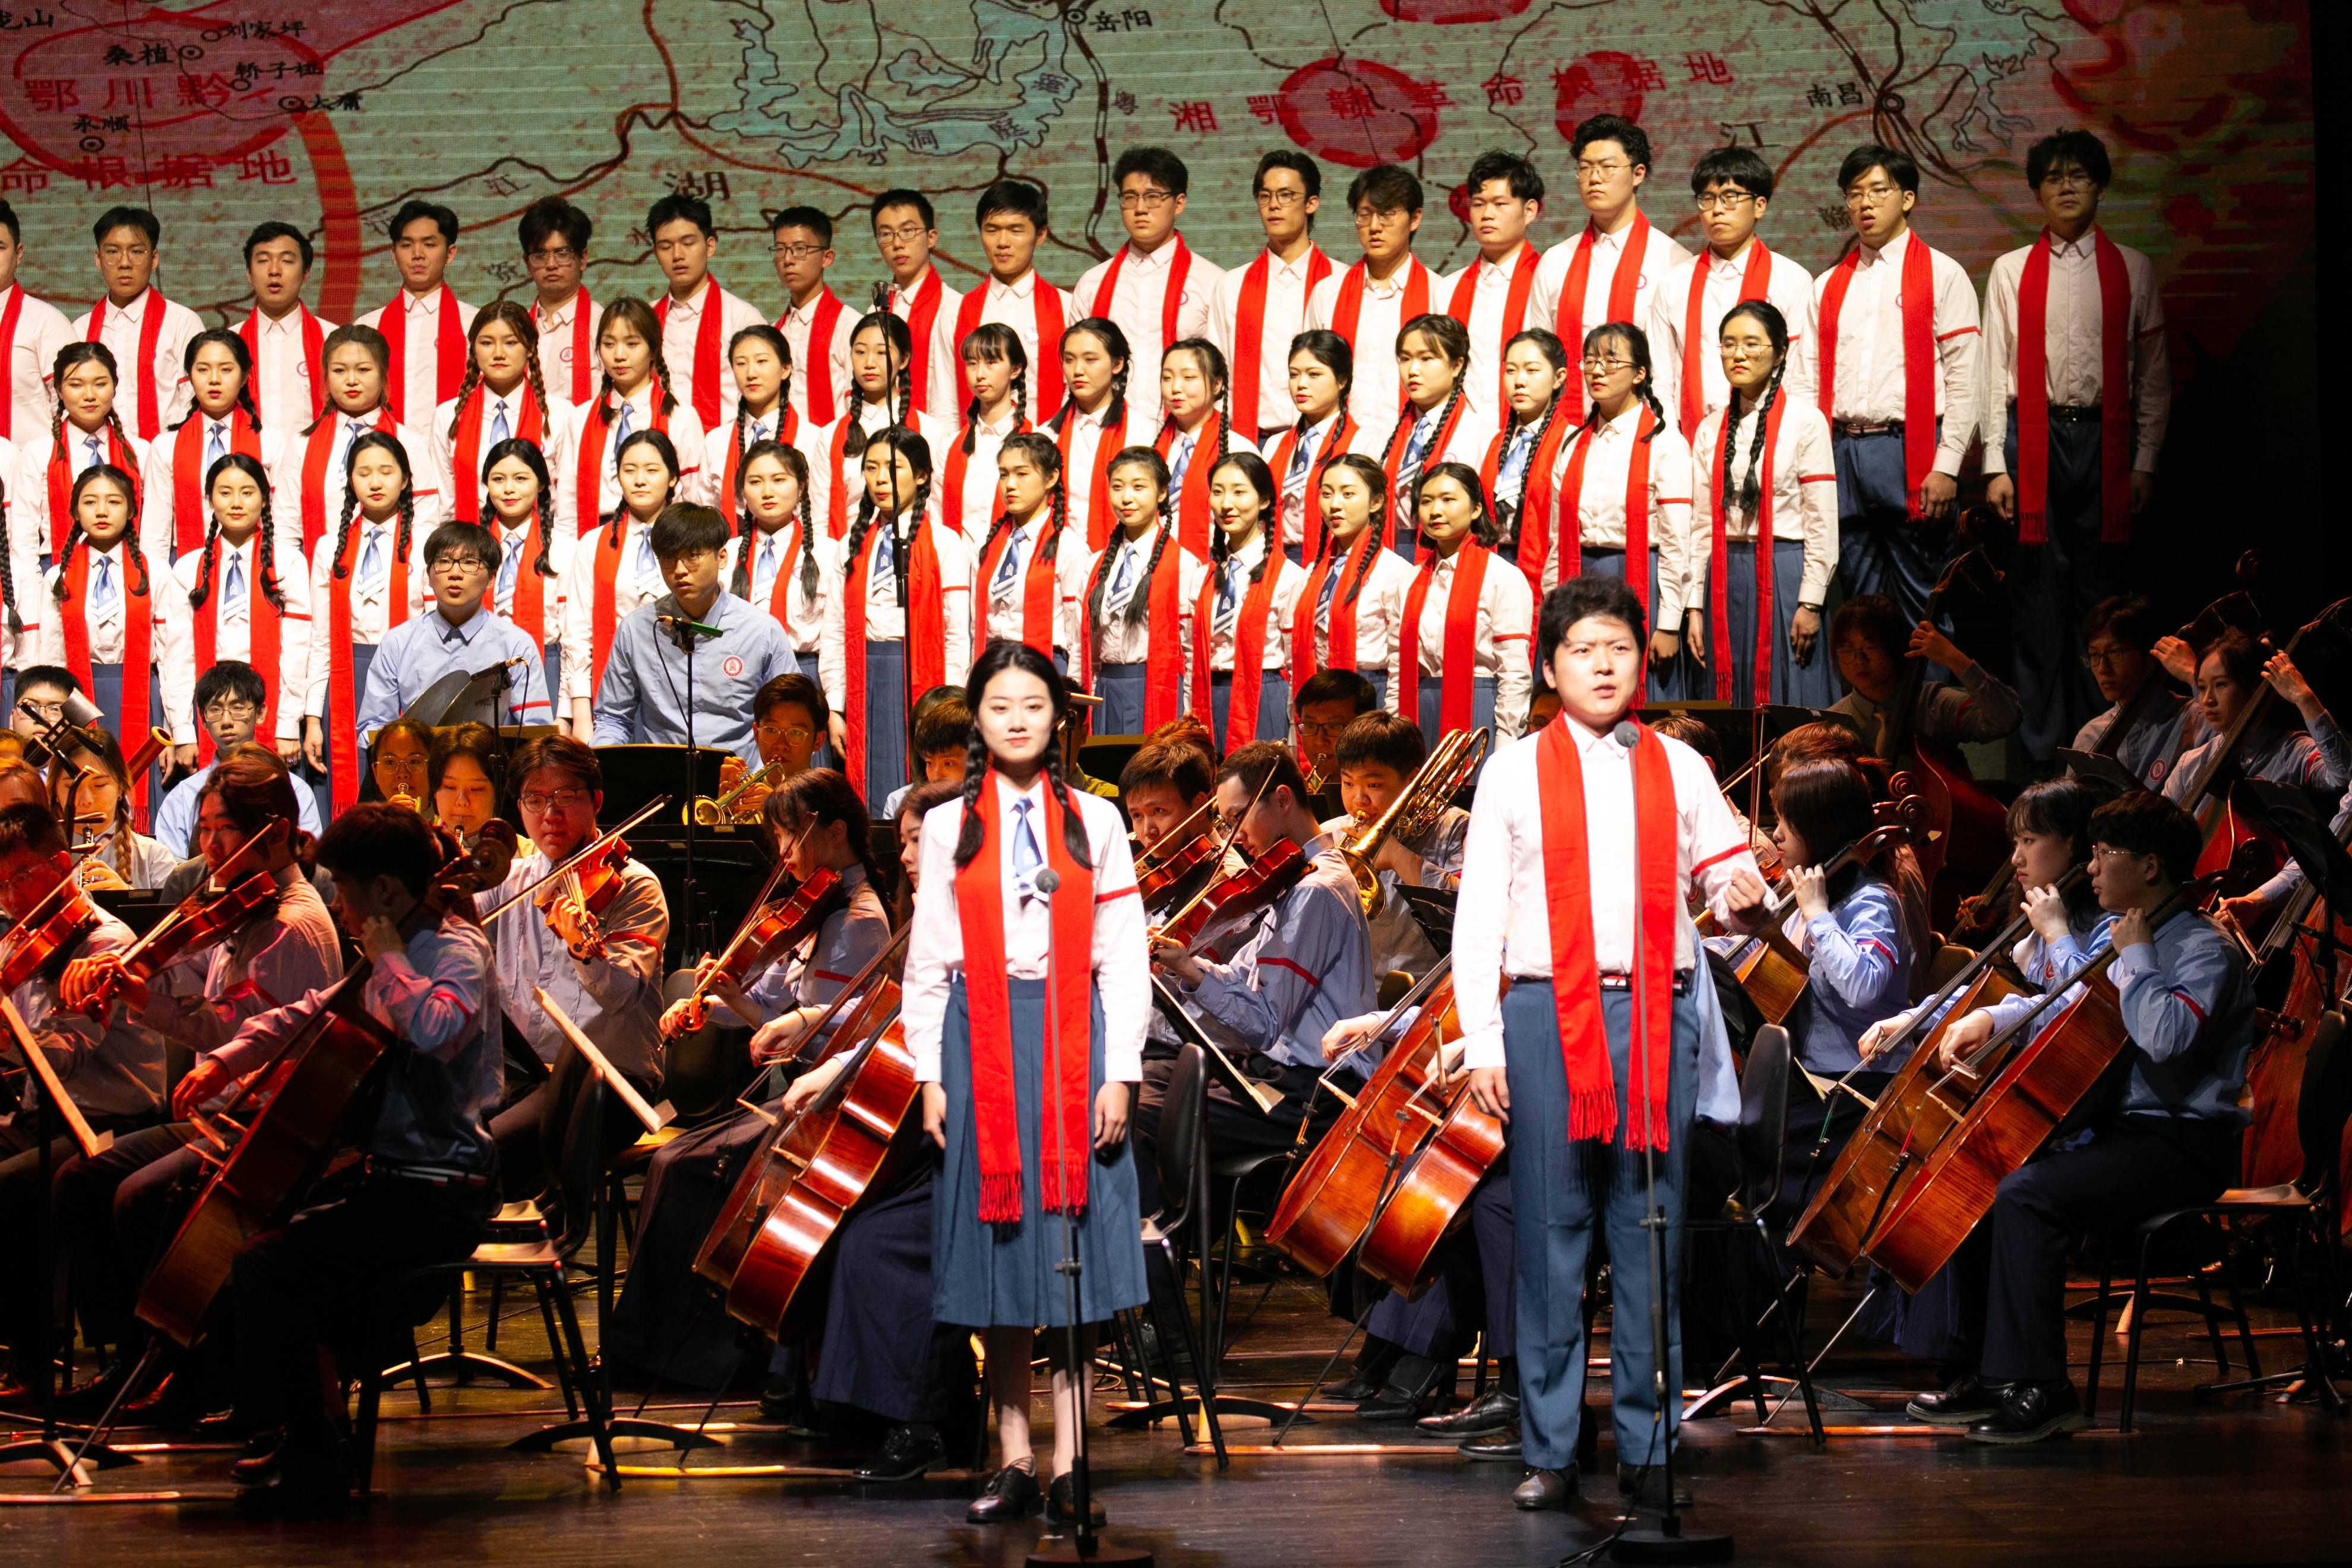 五四青年节,上音复旦交大230余位学子共演《长征组歌》